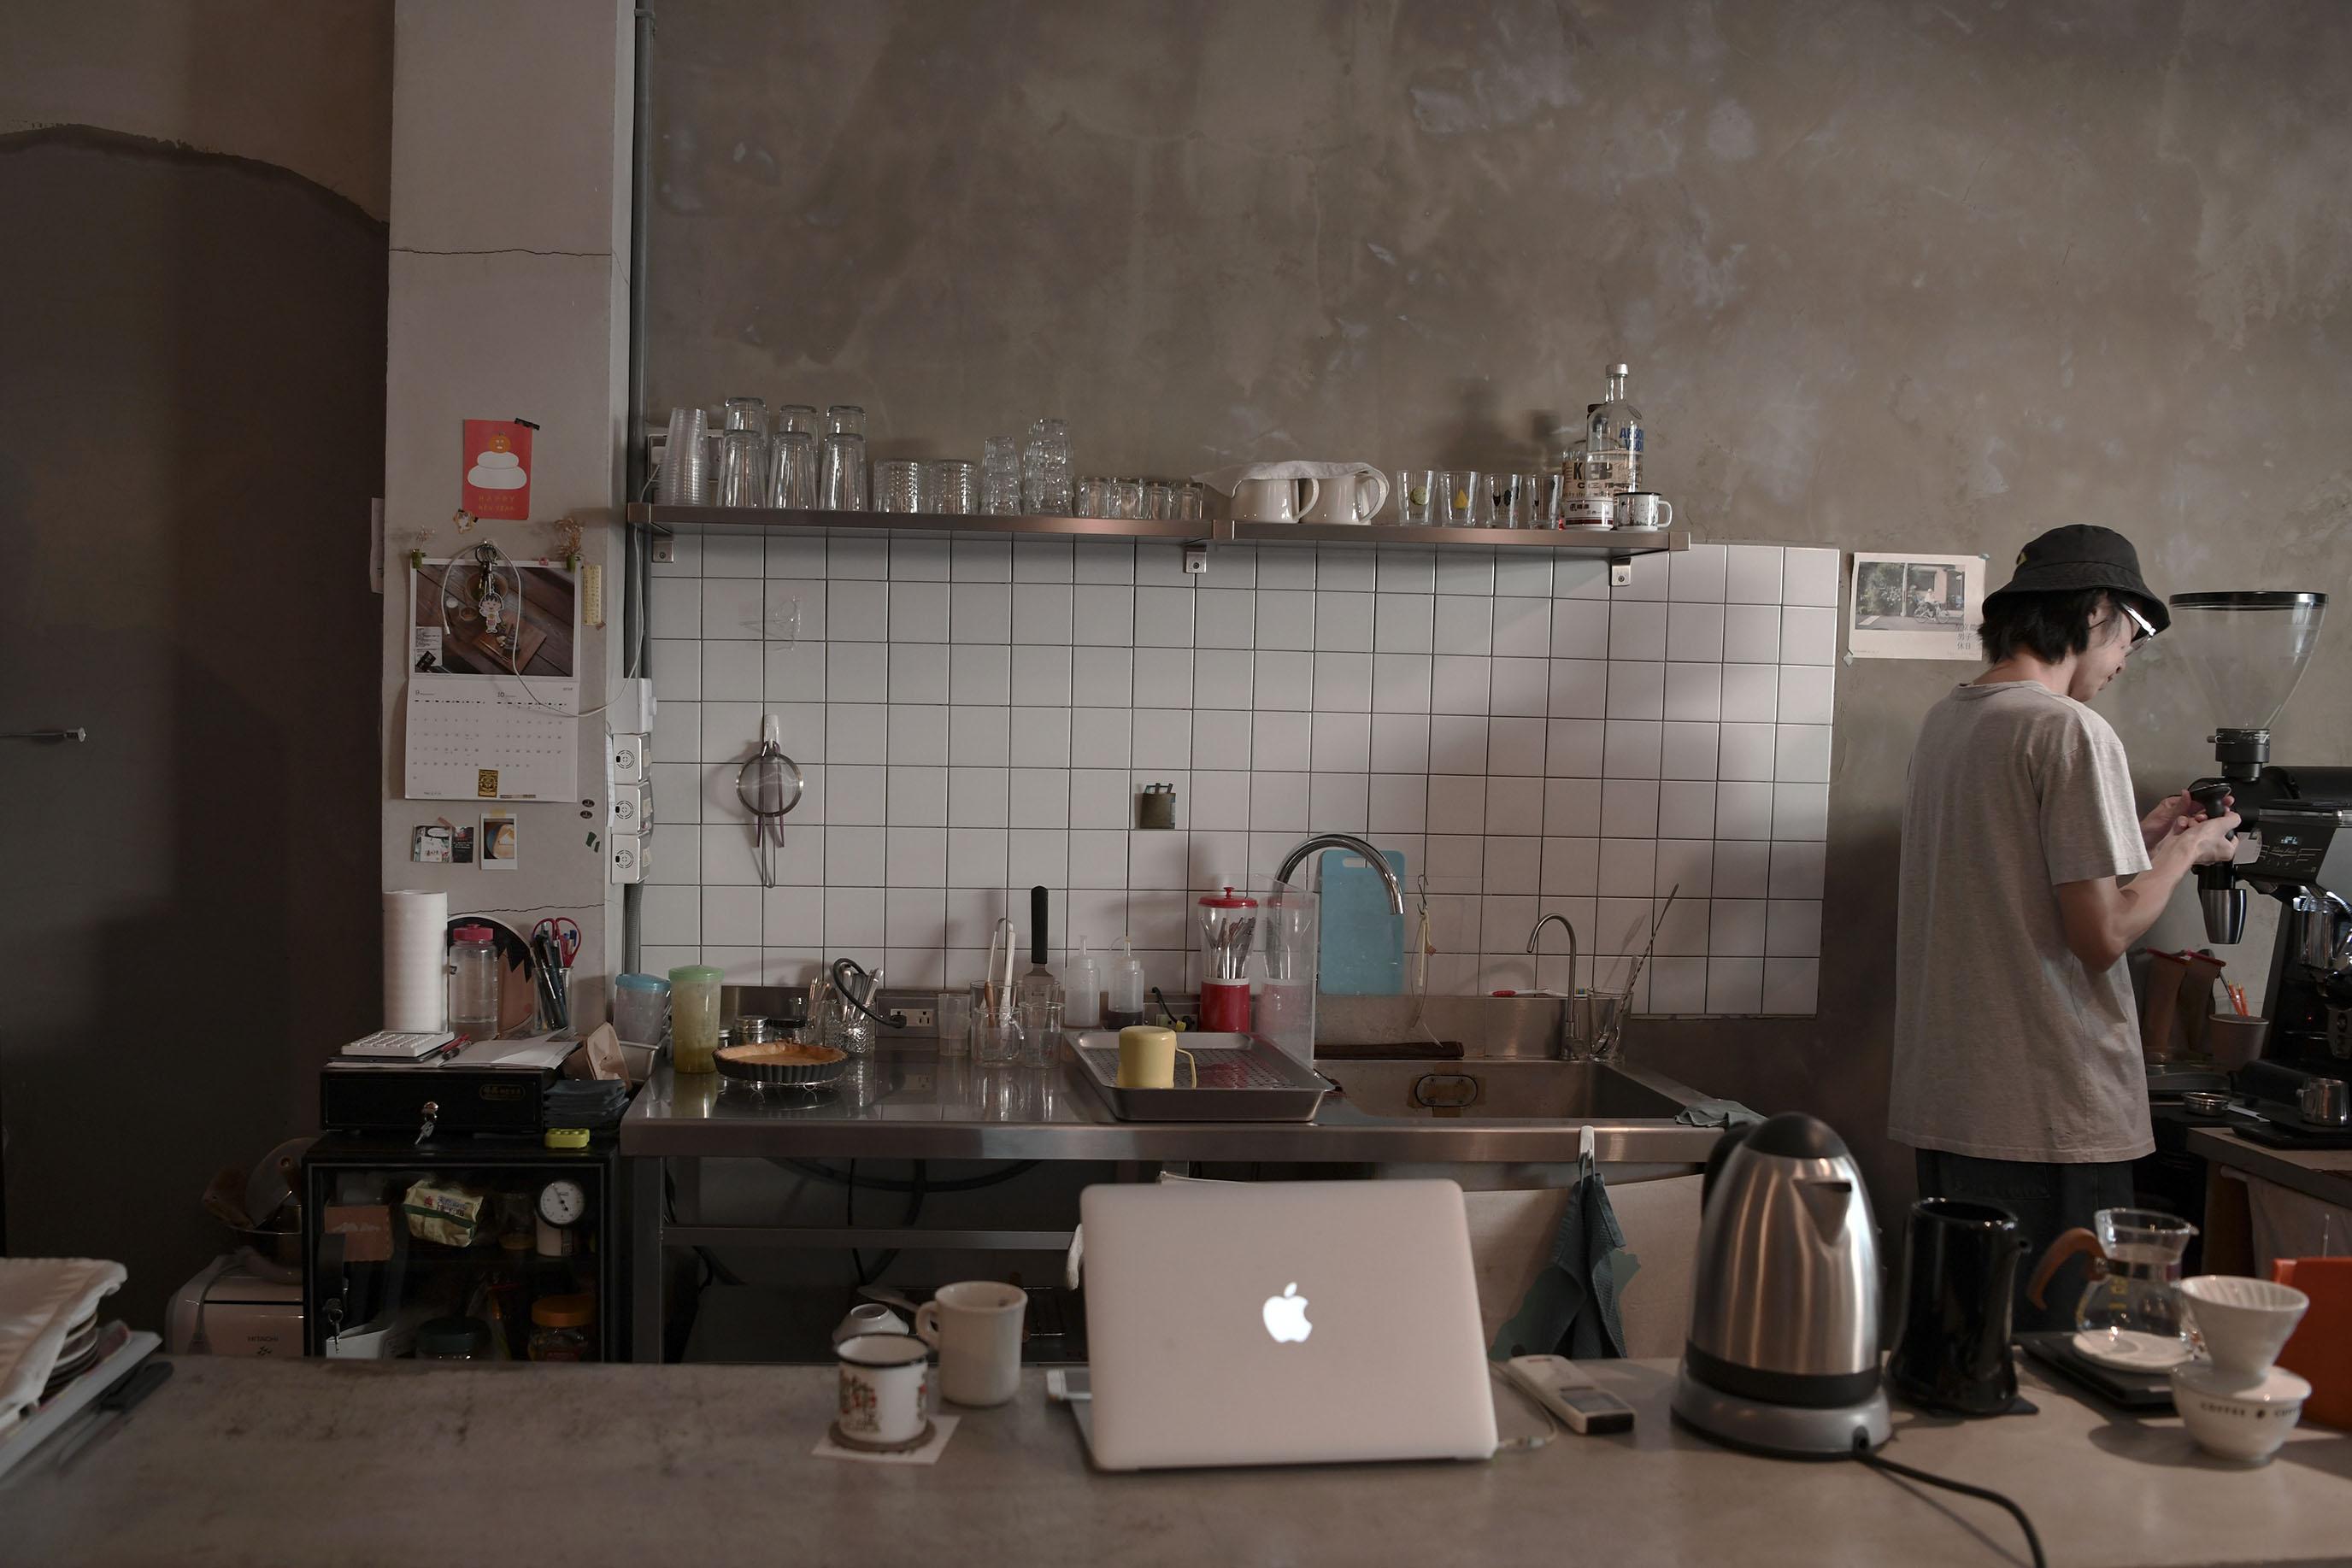 網站近期文章:在葉桂英咖啡找個靜靜的角落,不打擾。